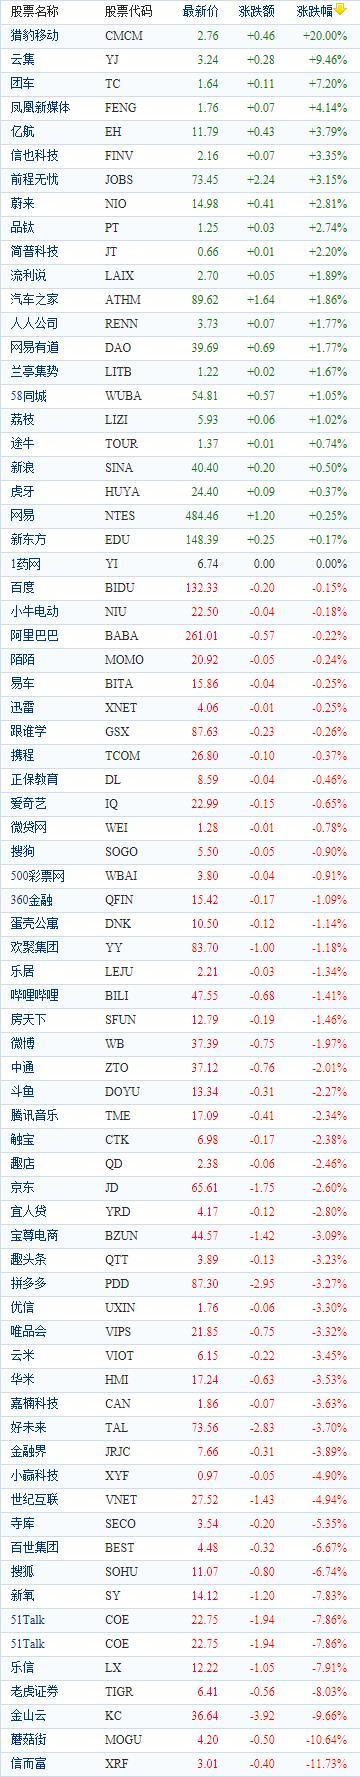 中国概念股周五收盘涨跌互现 猎豹移动大涨逾20%